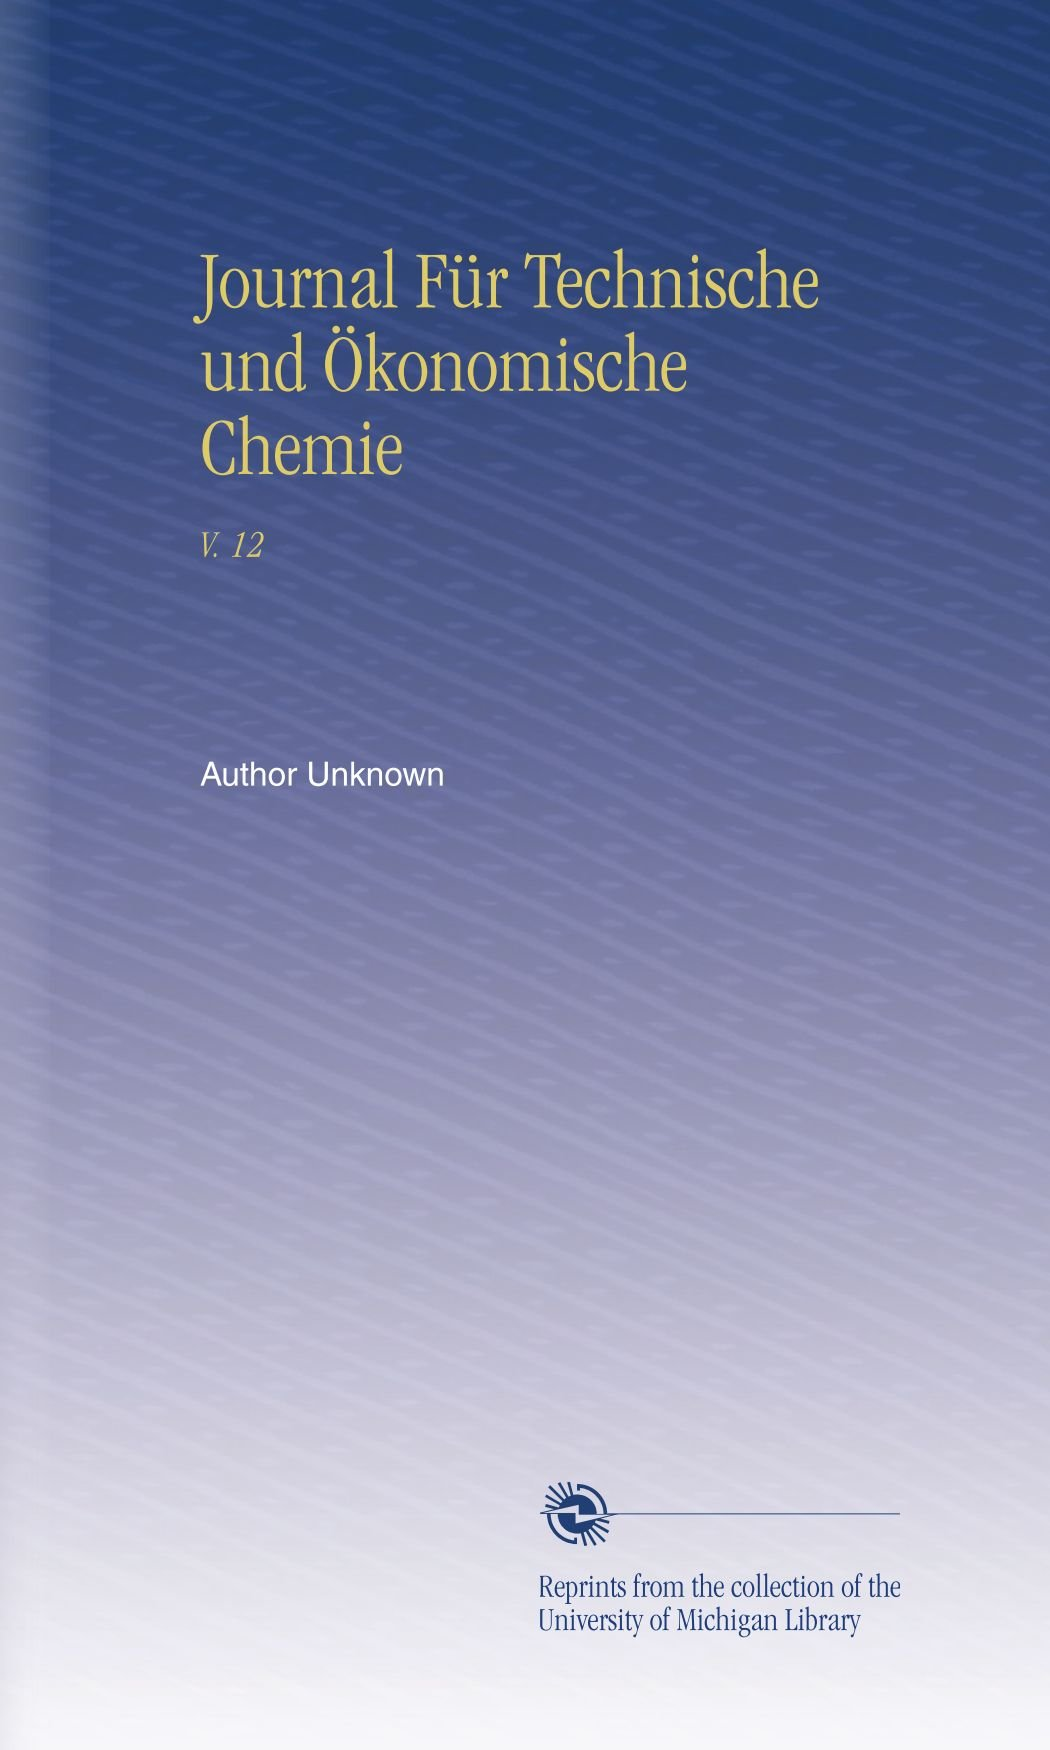 Download Journal Für Technische und Ökonomische Chemie: V. 12 (German Edition) ebook